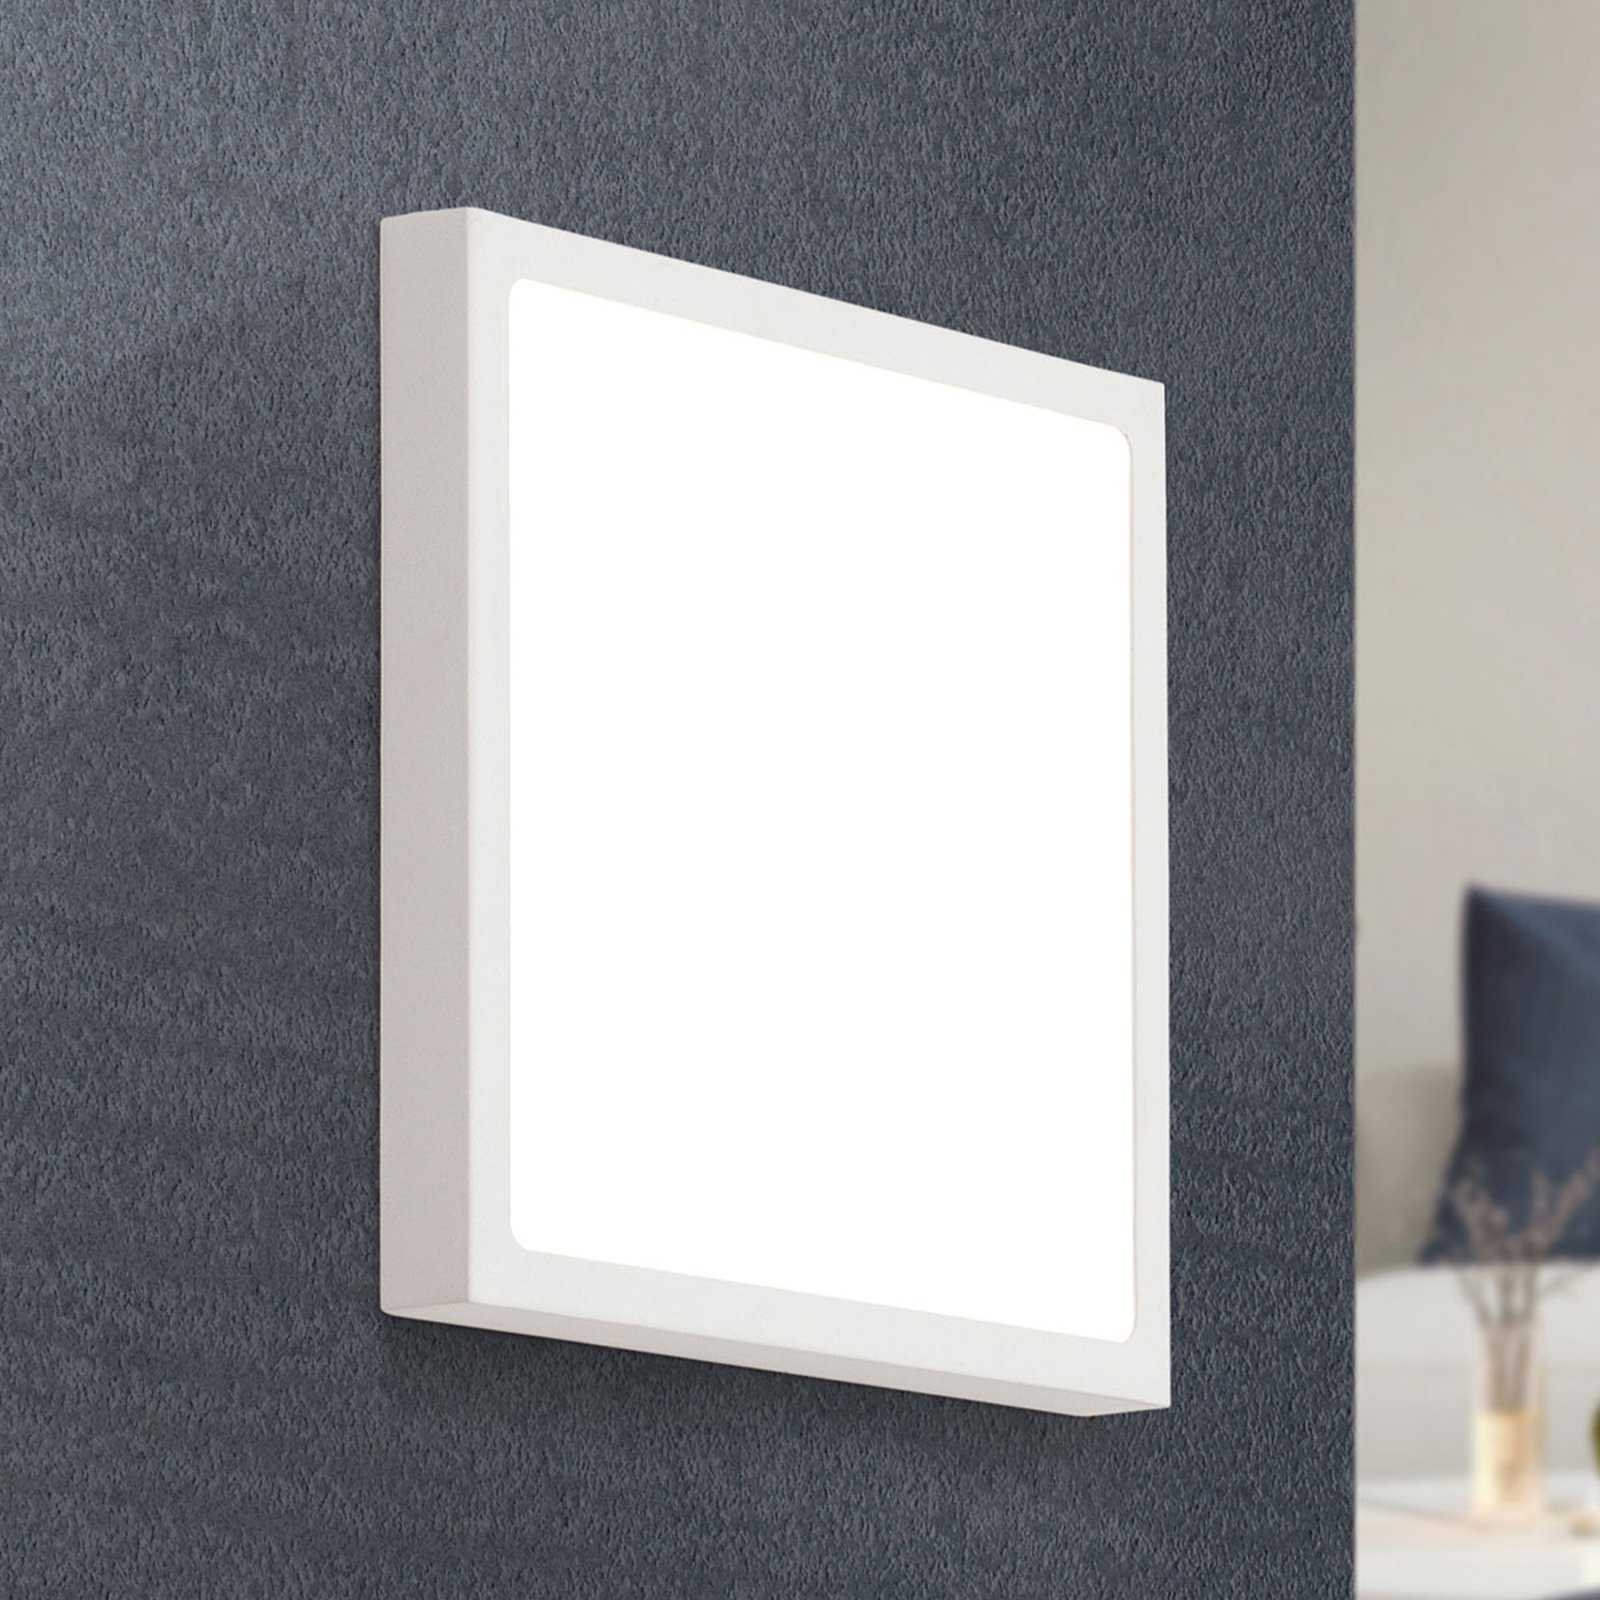 LED-vegglampe Vika, firkantet, hvit, 23x23cm